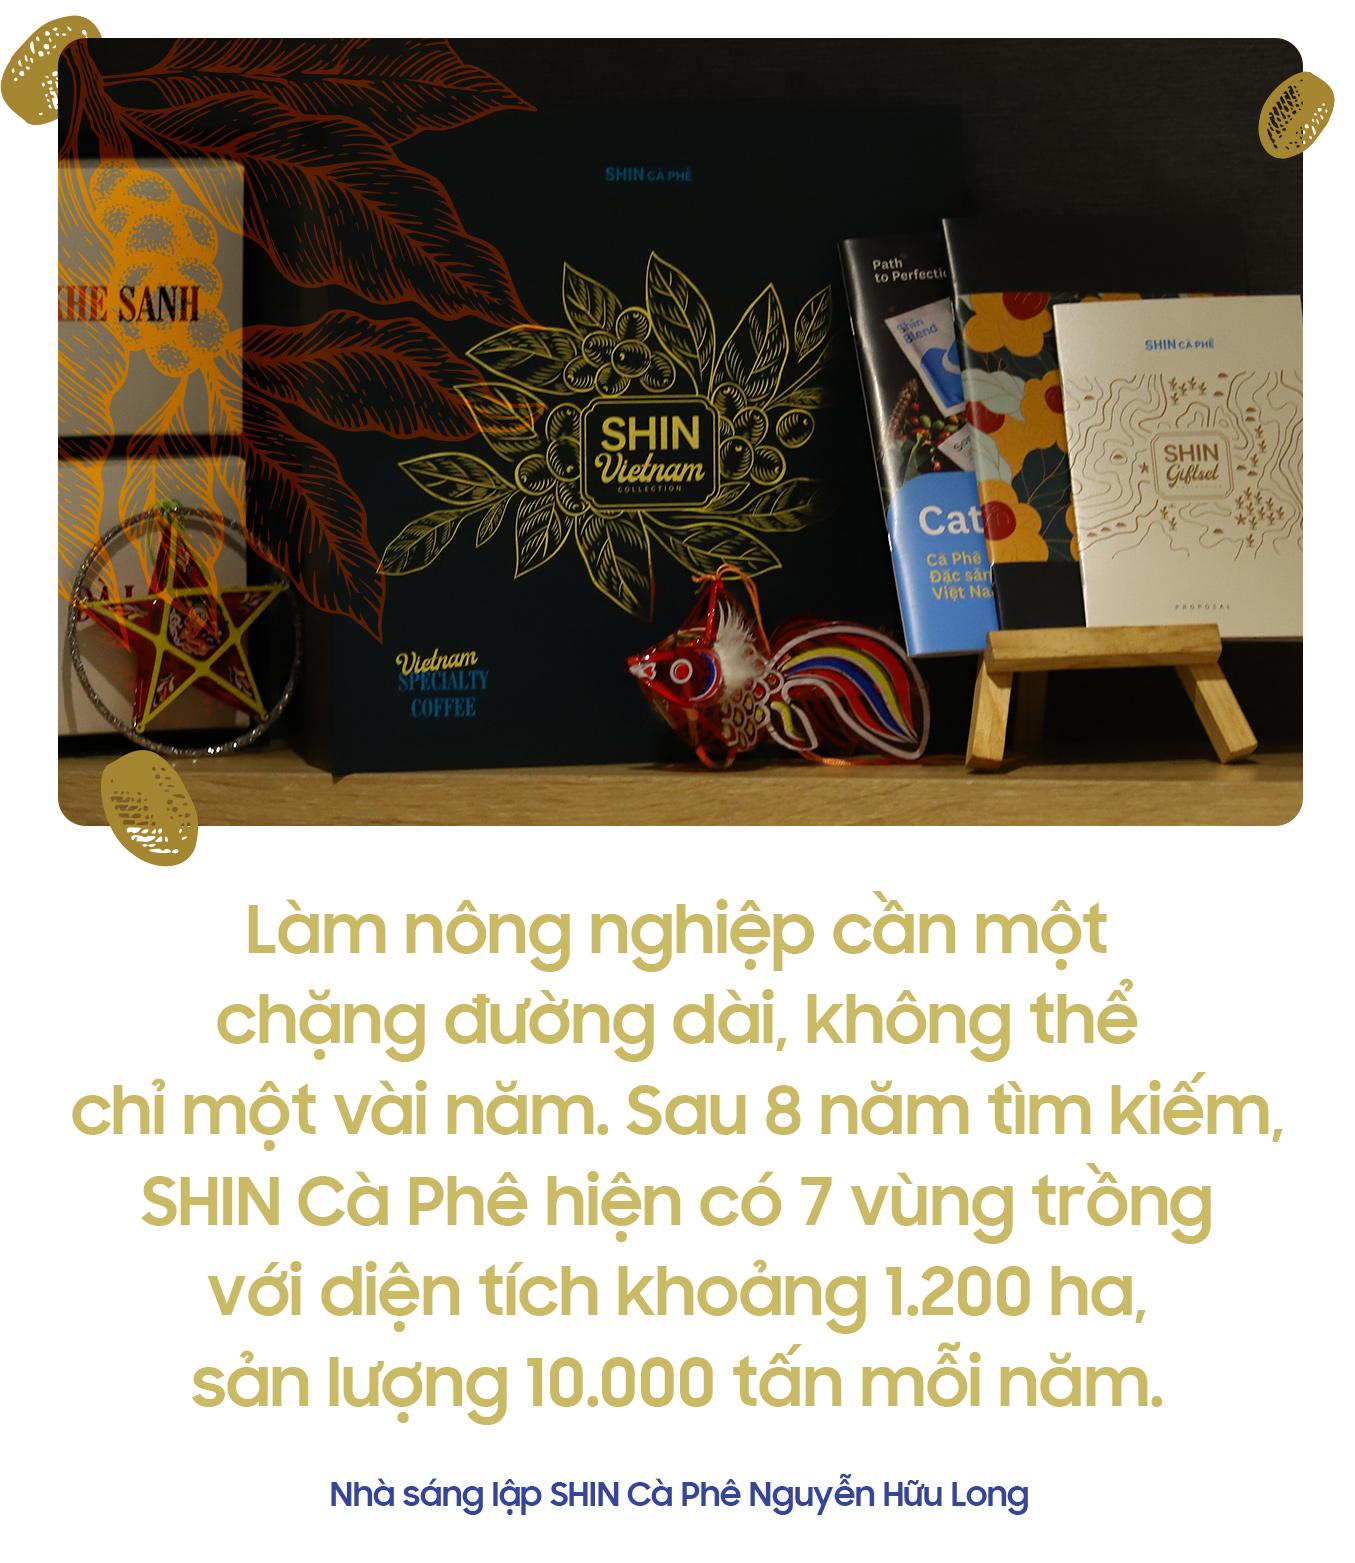 Nhà sáng lập SHIN Cà Phê Nguyễn Hữu Long: Hành trình nâng tầm cà phê thành sản vật quốc gia - Ảnh 7.